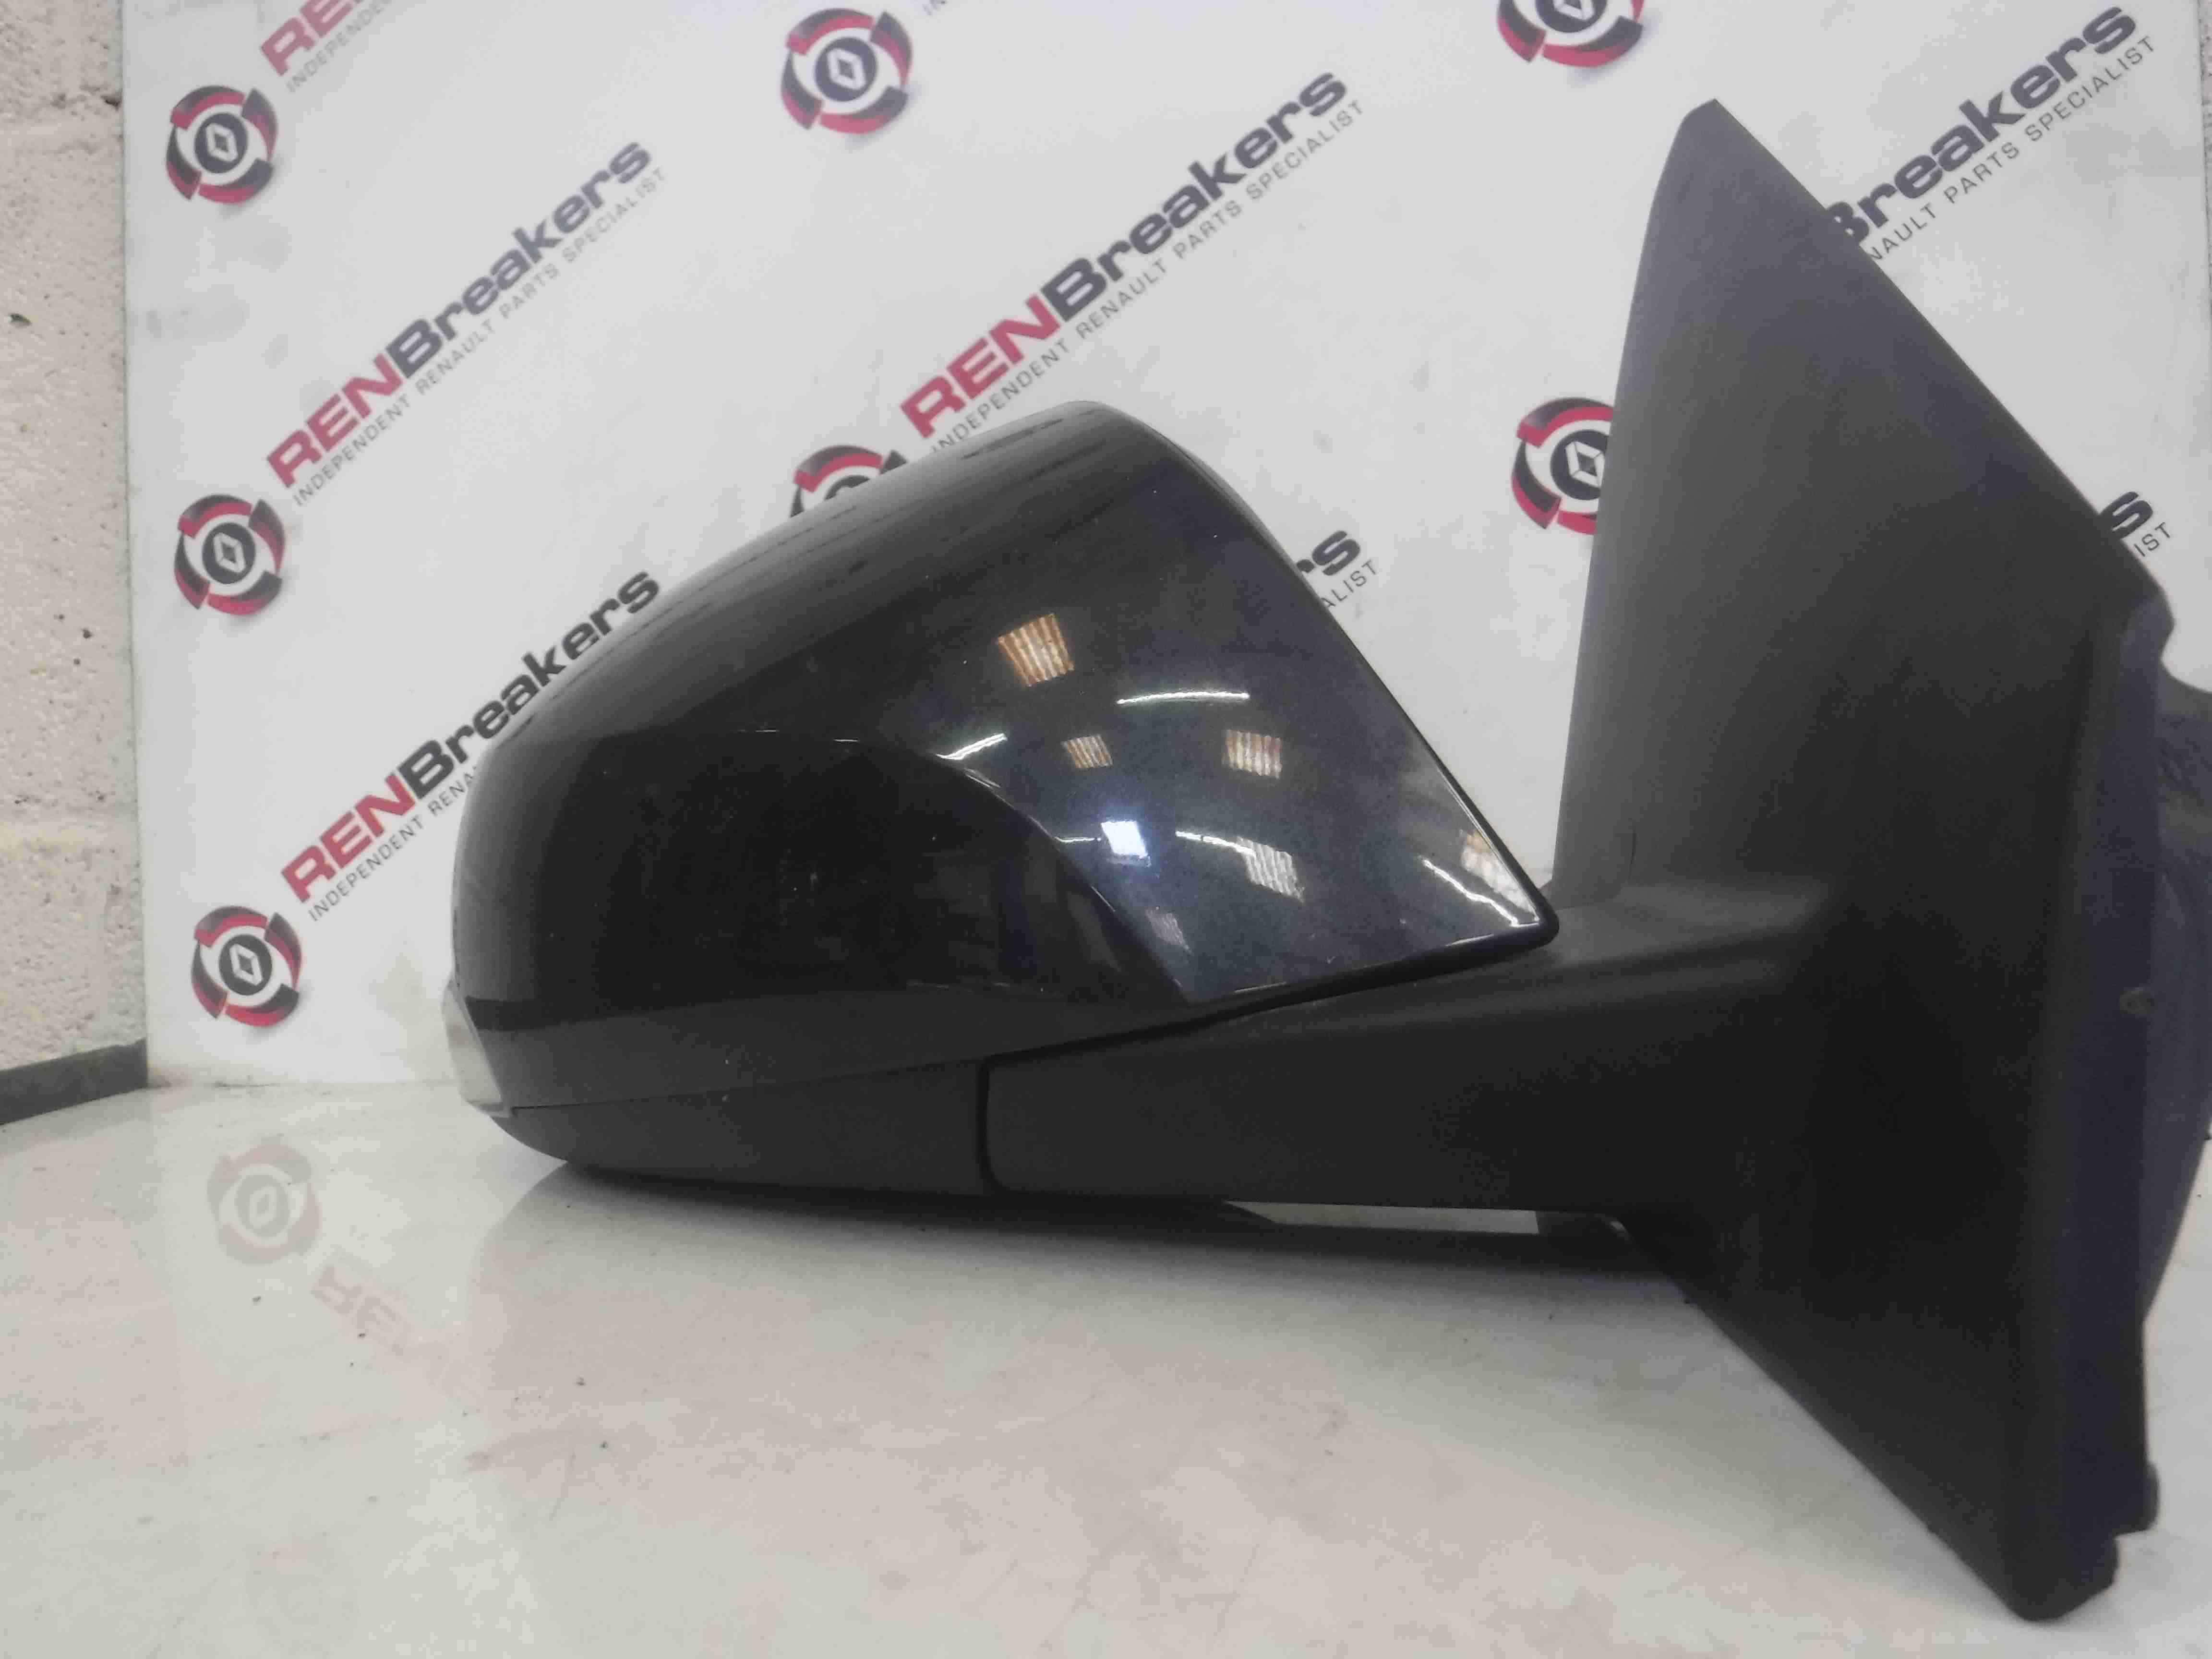 Renault Megane Coupe MK3 2008-2014 Drivers OS Wing Mirror Grey TEB66